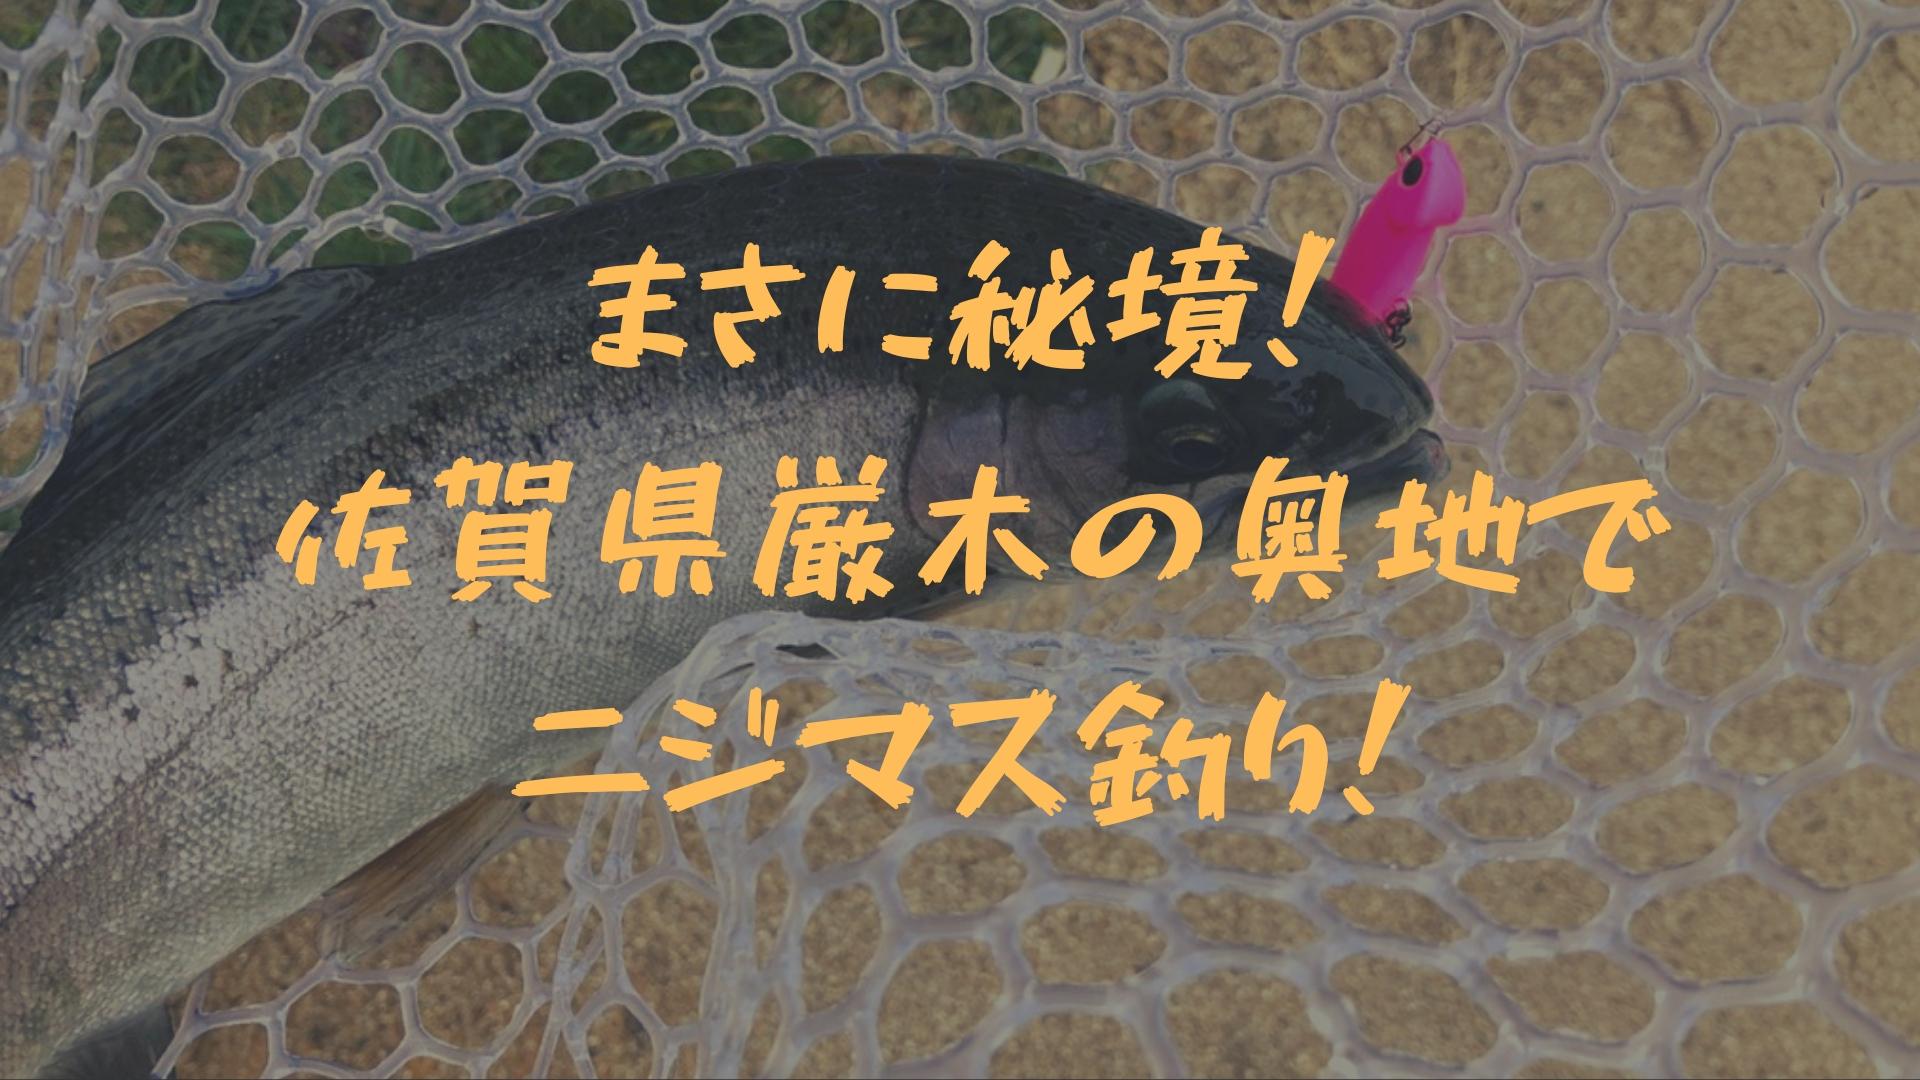 【トラウト】まさに秘境の地。佐賀県の平之ニジマス釣り堀公園を攻略せよ!